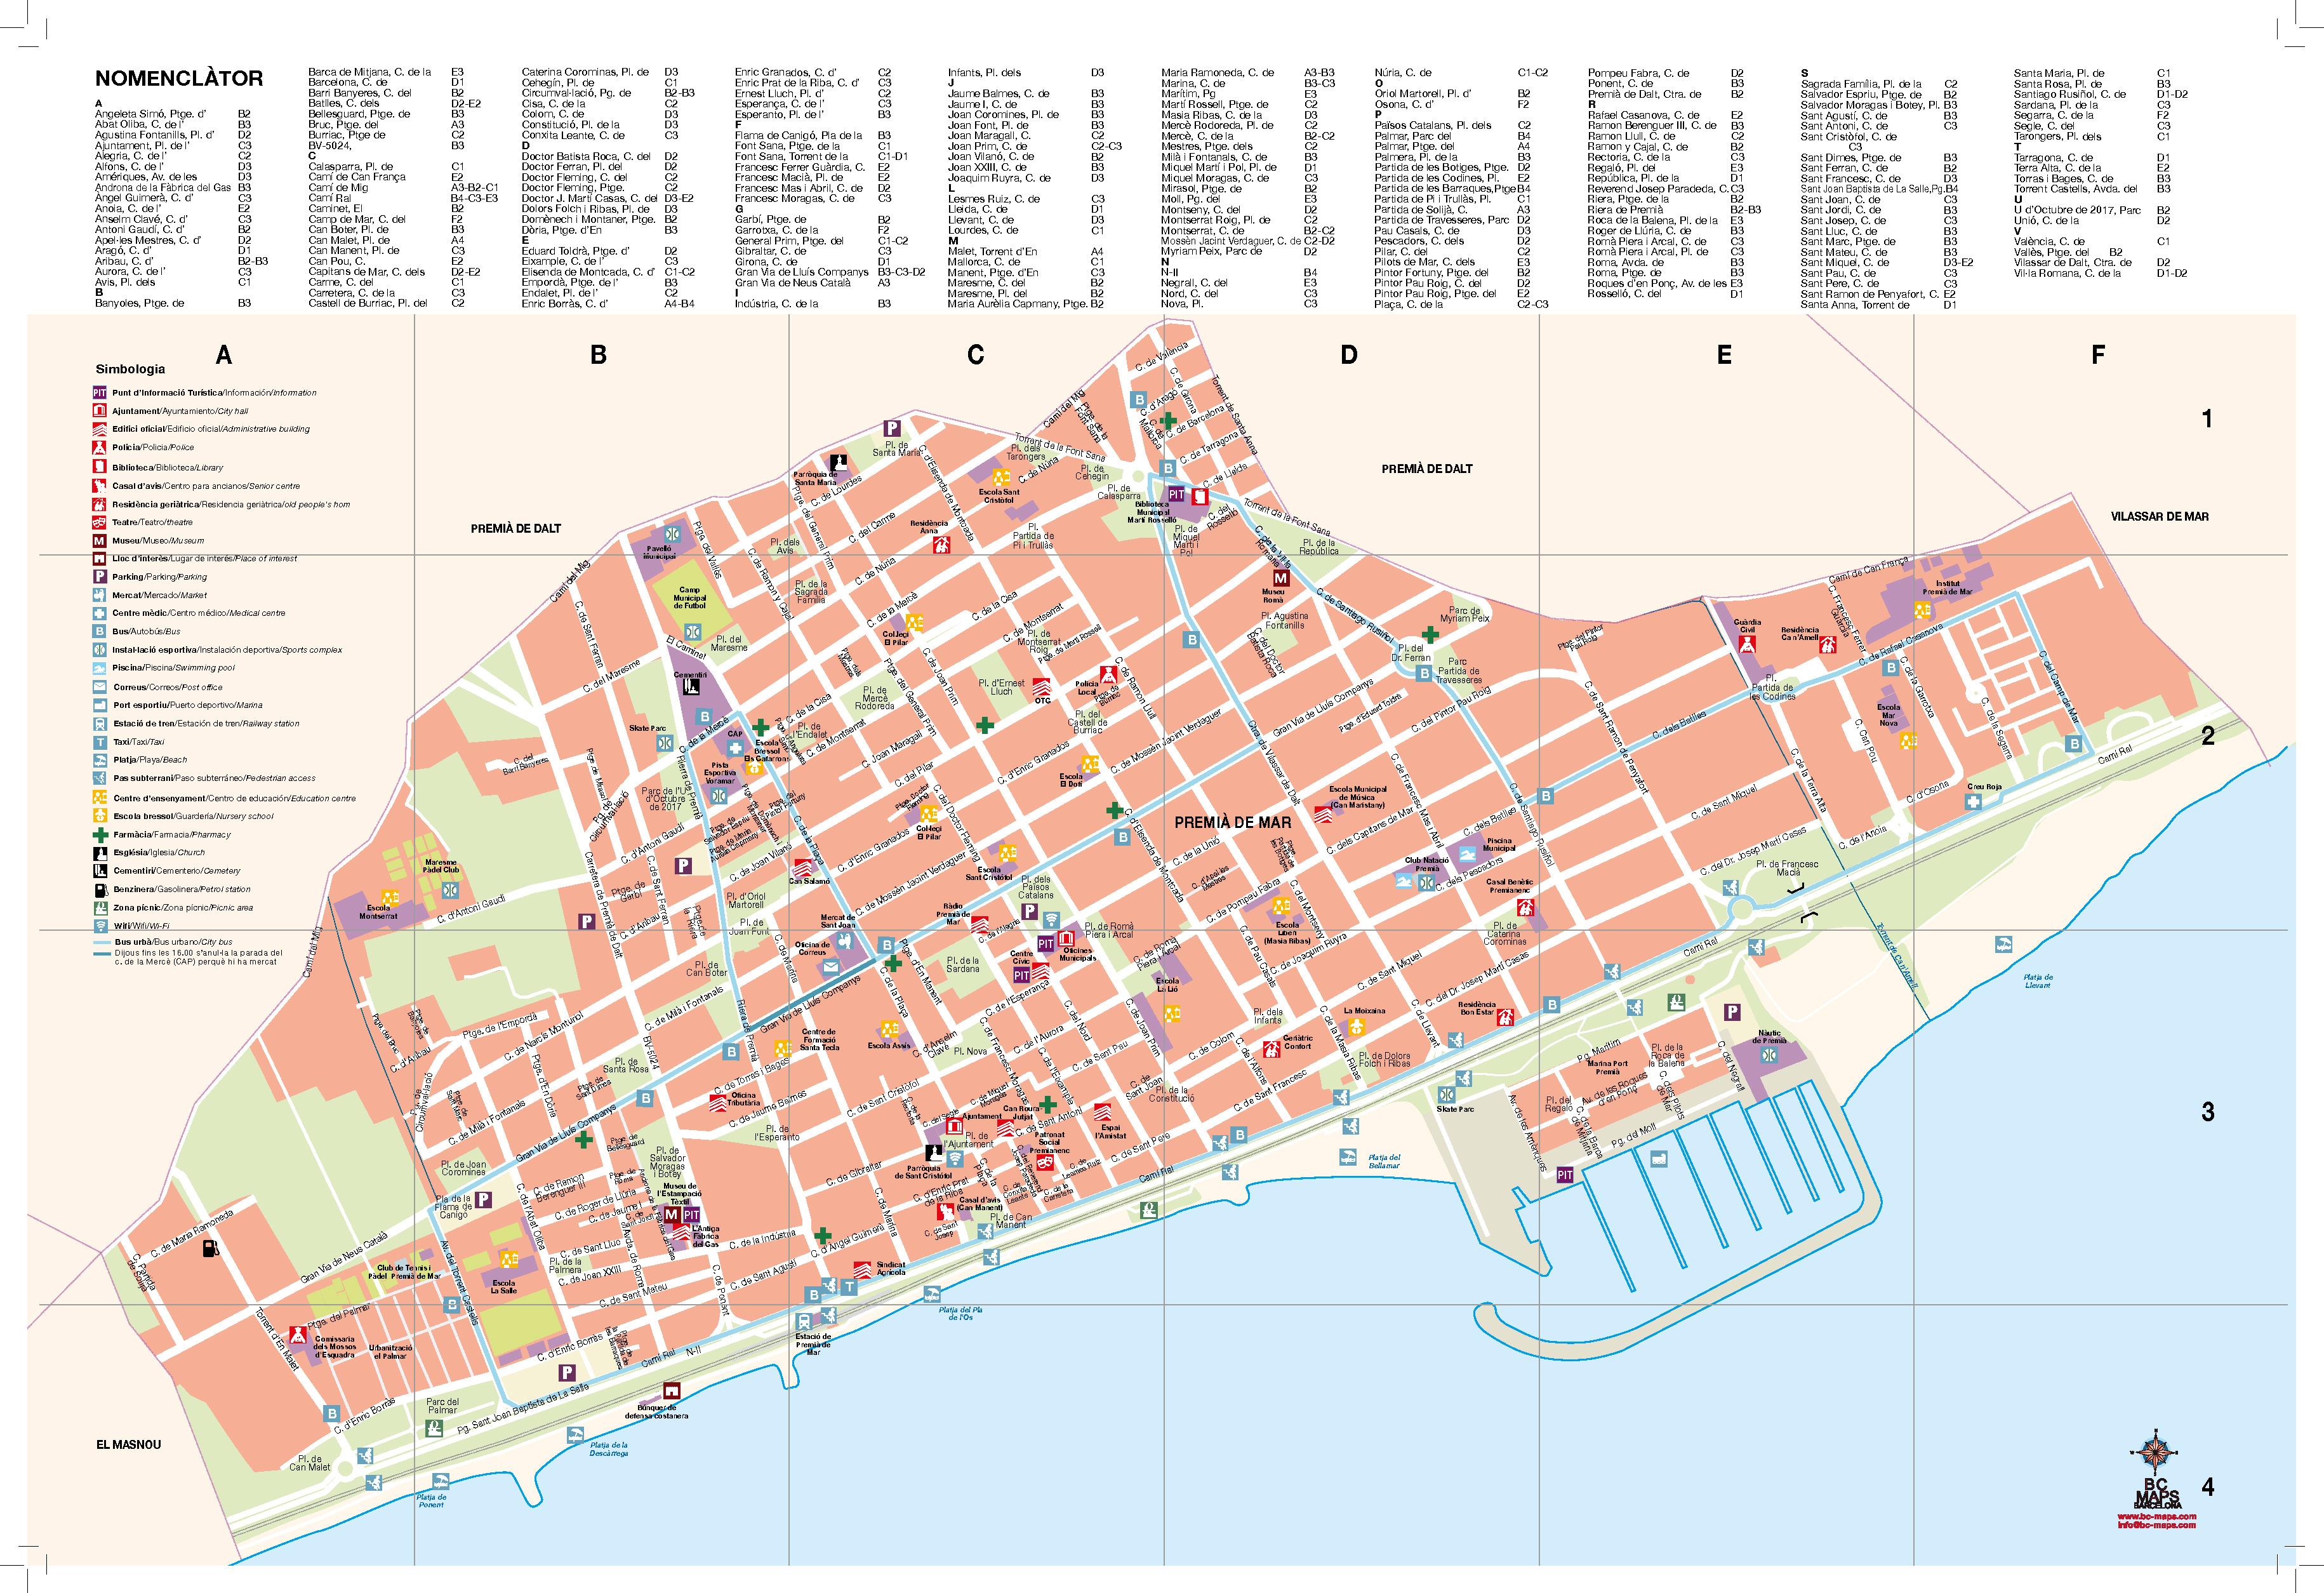 Premia De Mar Mapa Per L Ajuntament Maresme Barcelona